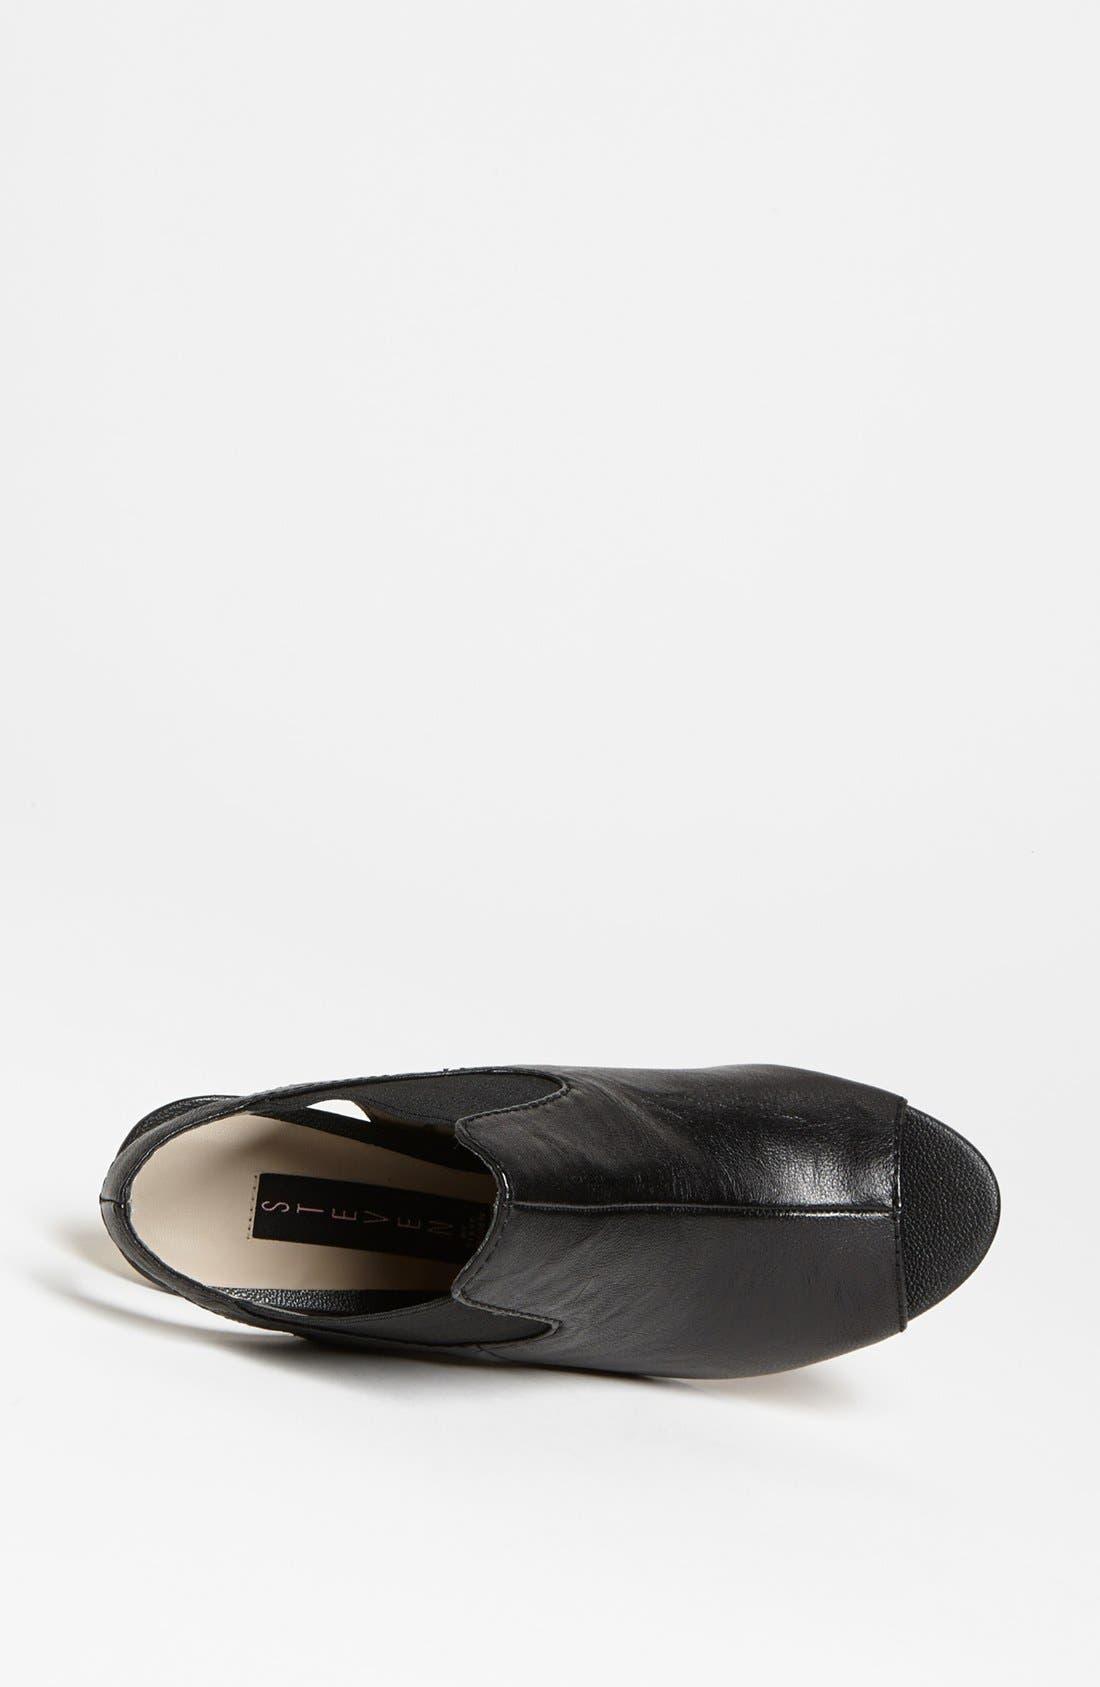 Alternate Image 3  - Steven by Steve Madden 'Misfit' Sandal